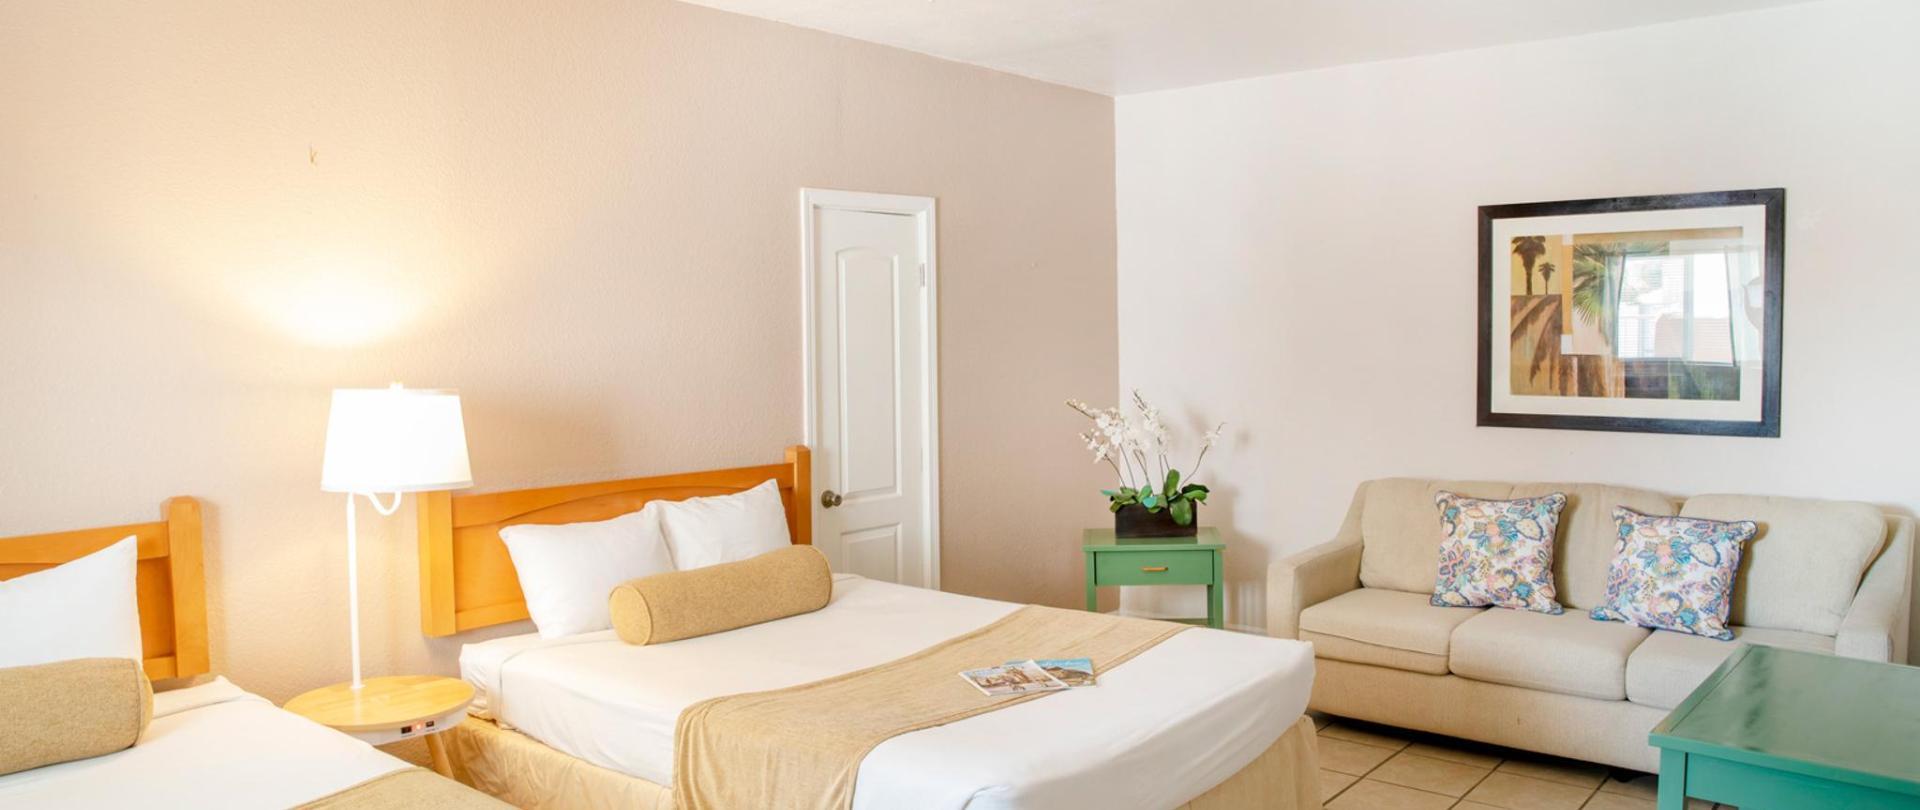 Inn-room-001.jpg